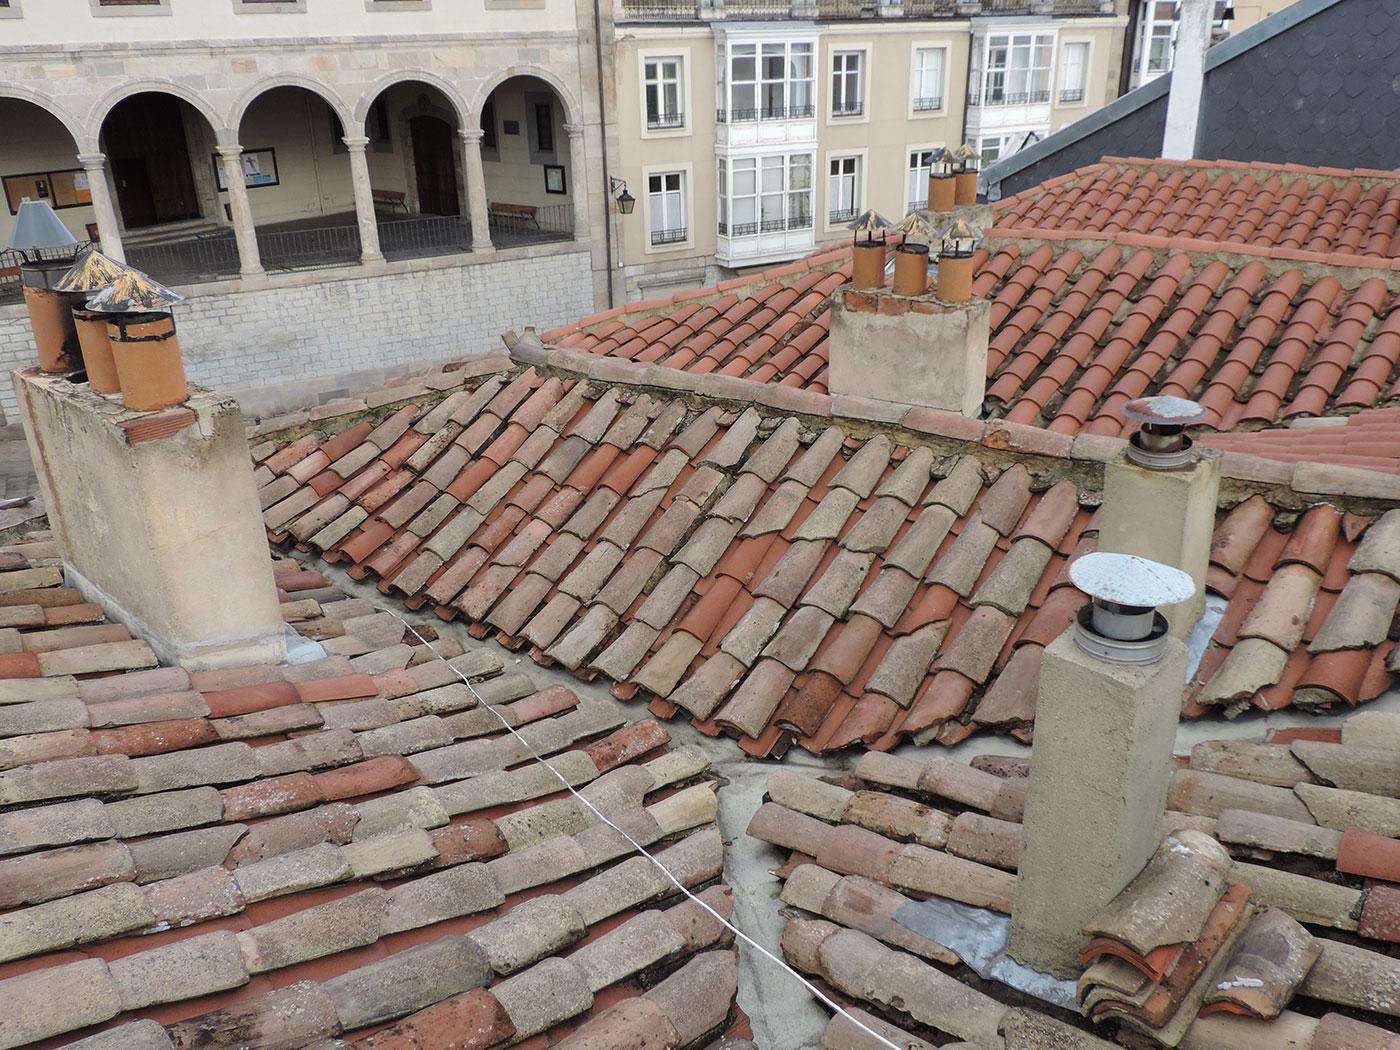 Reforma de tejados en Vitoria proyecto antes